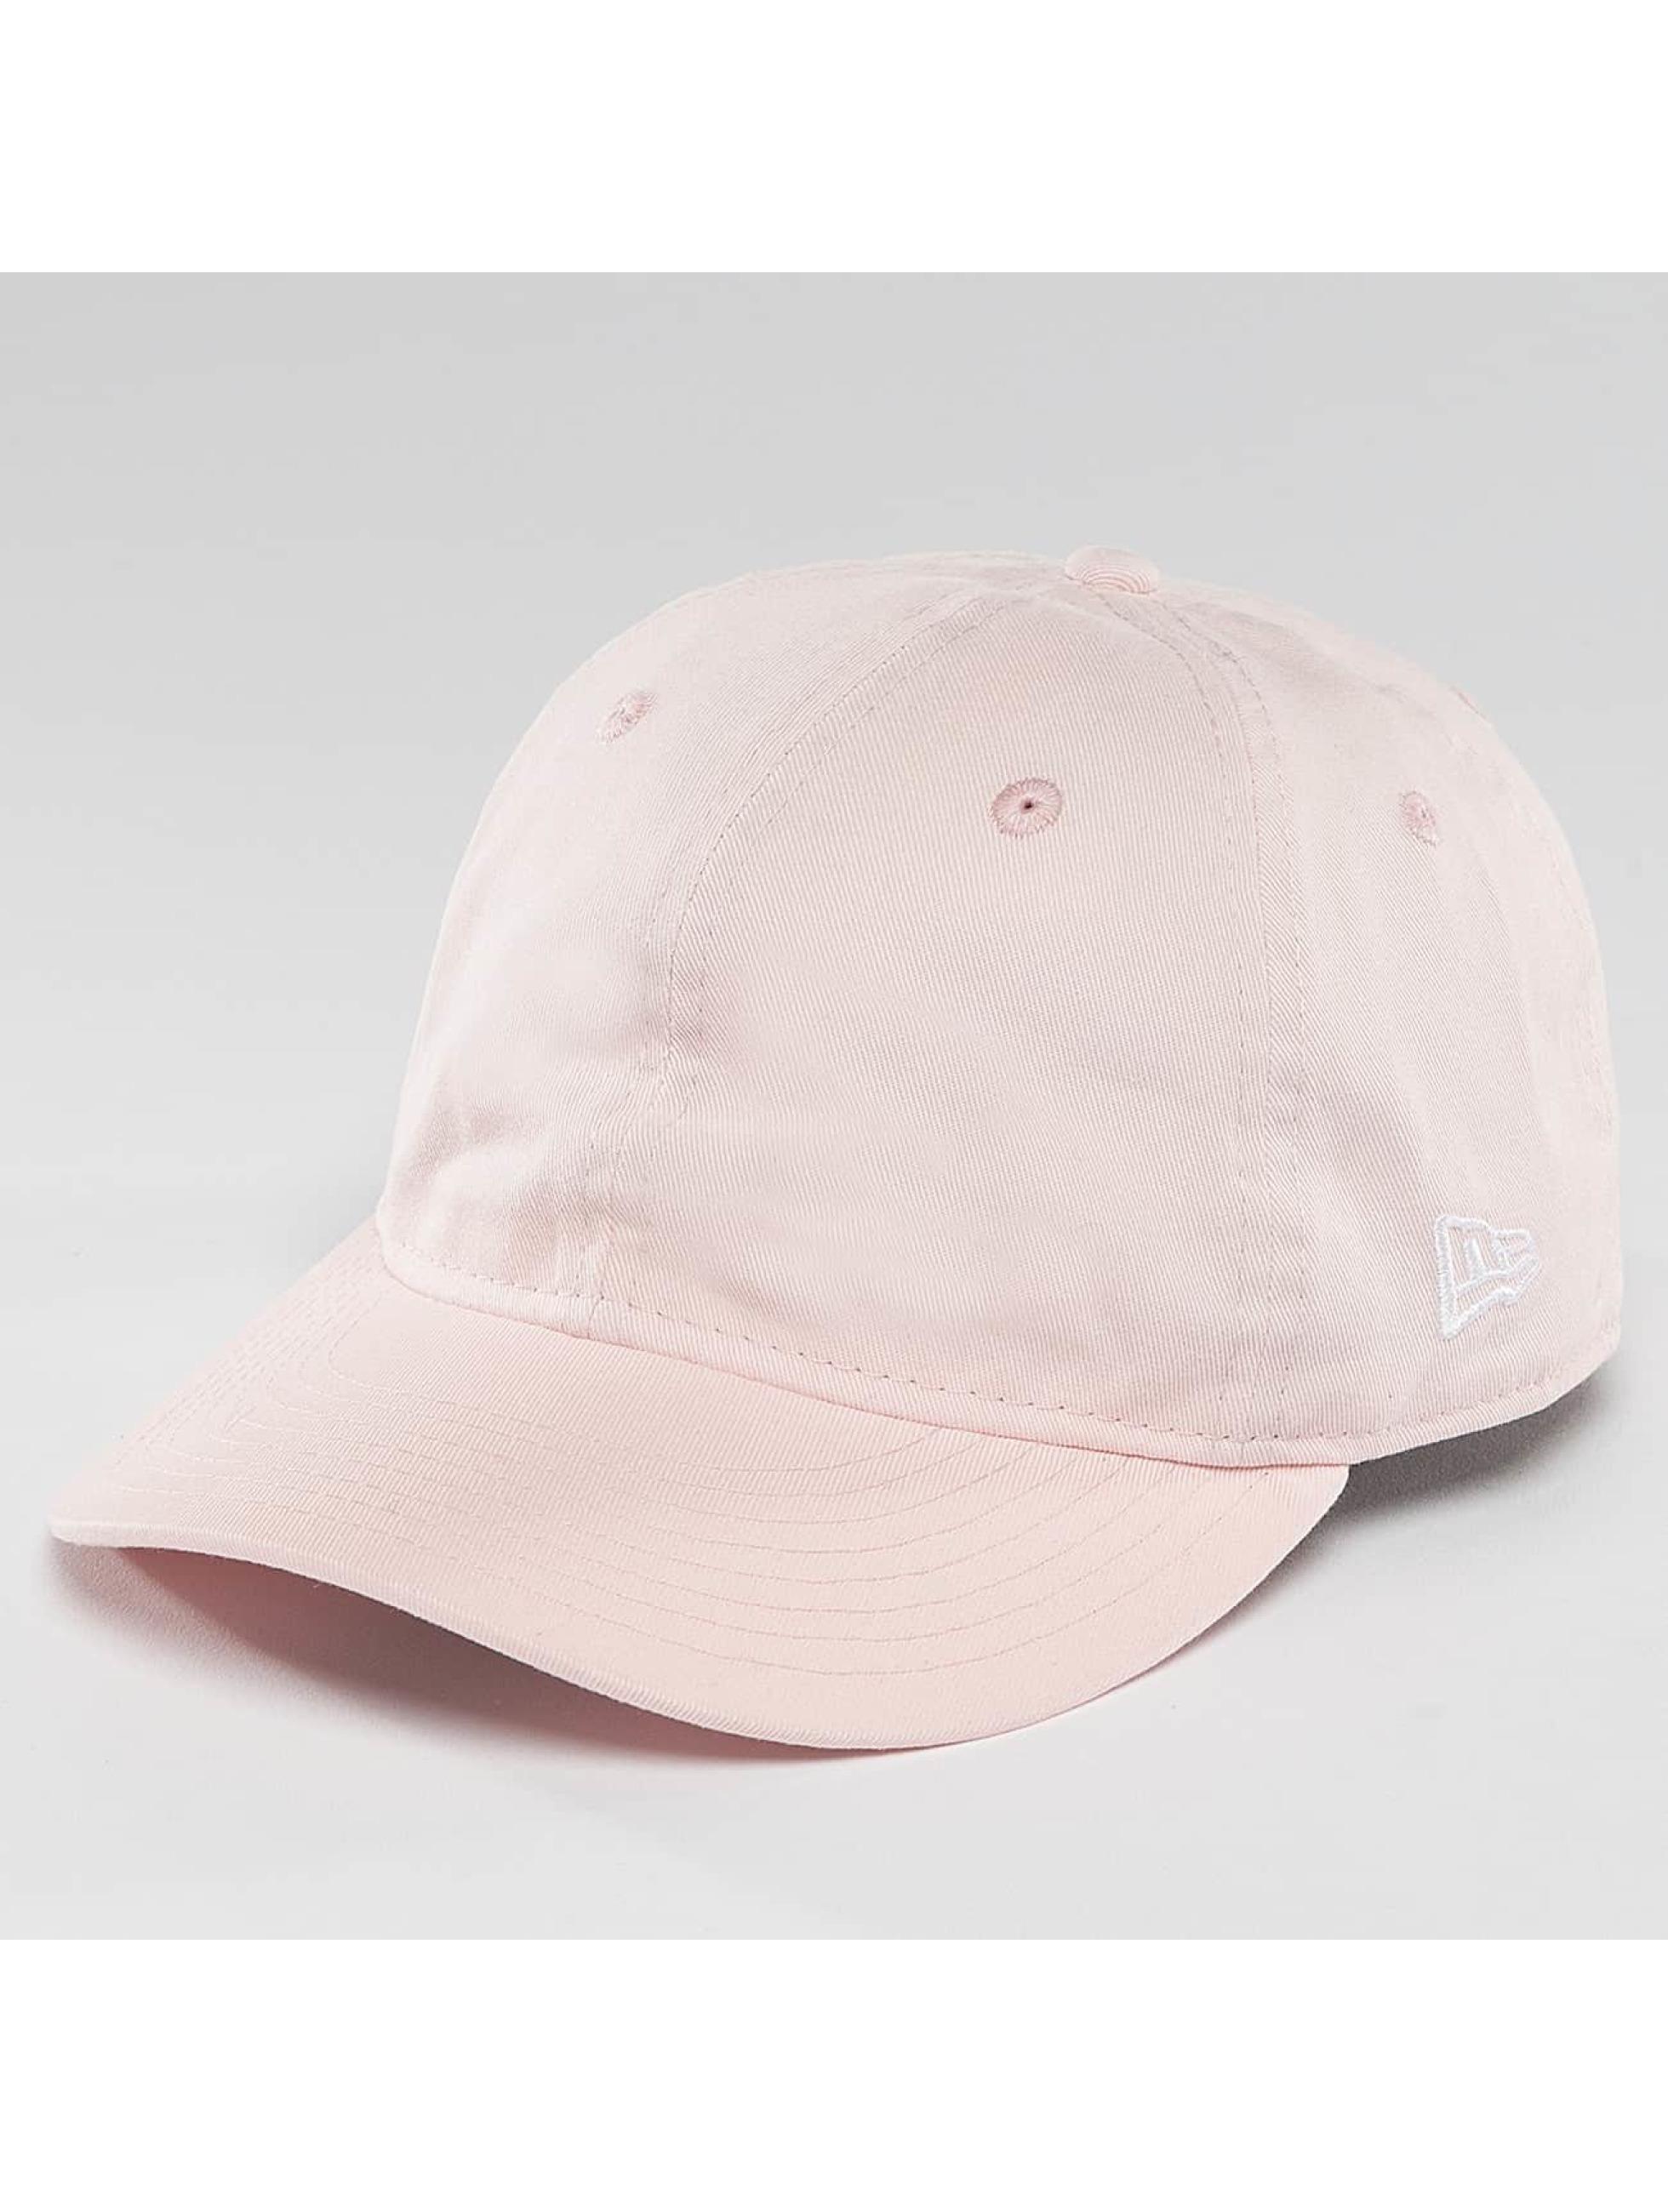 New Era Snapback Cap Sunbleach Unstructured 9Fifty rose